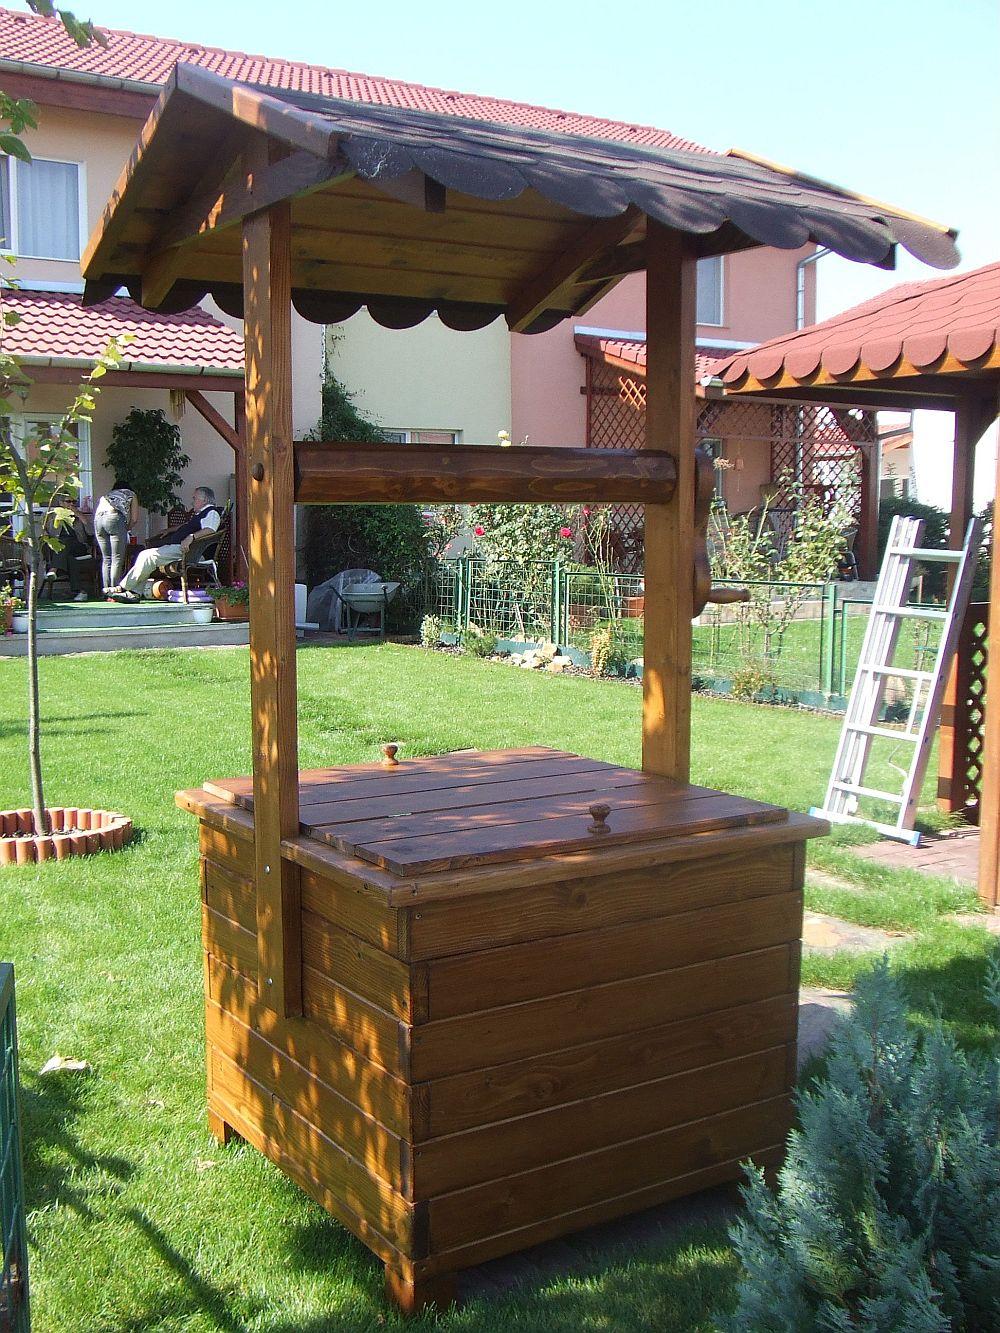 adelaparvu.com despre fantani decorative din lemn, masti pentru fantani, design Rustic Design, oradea (6)